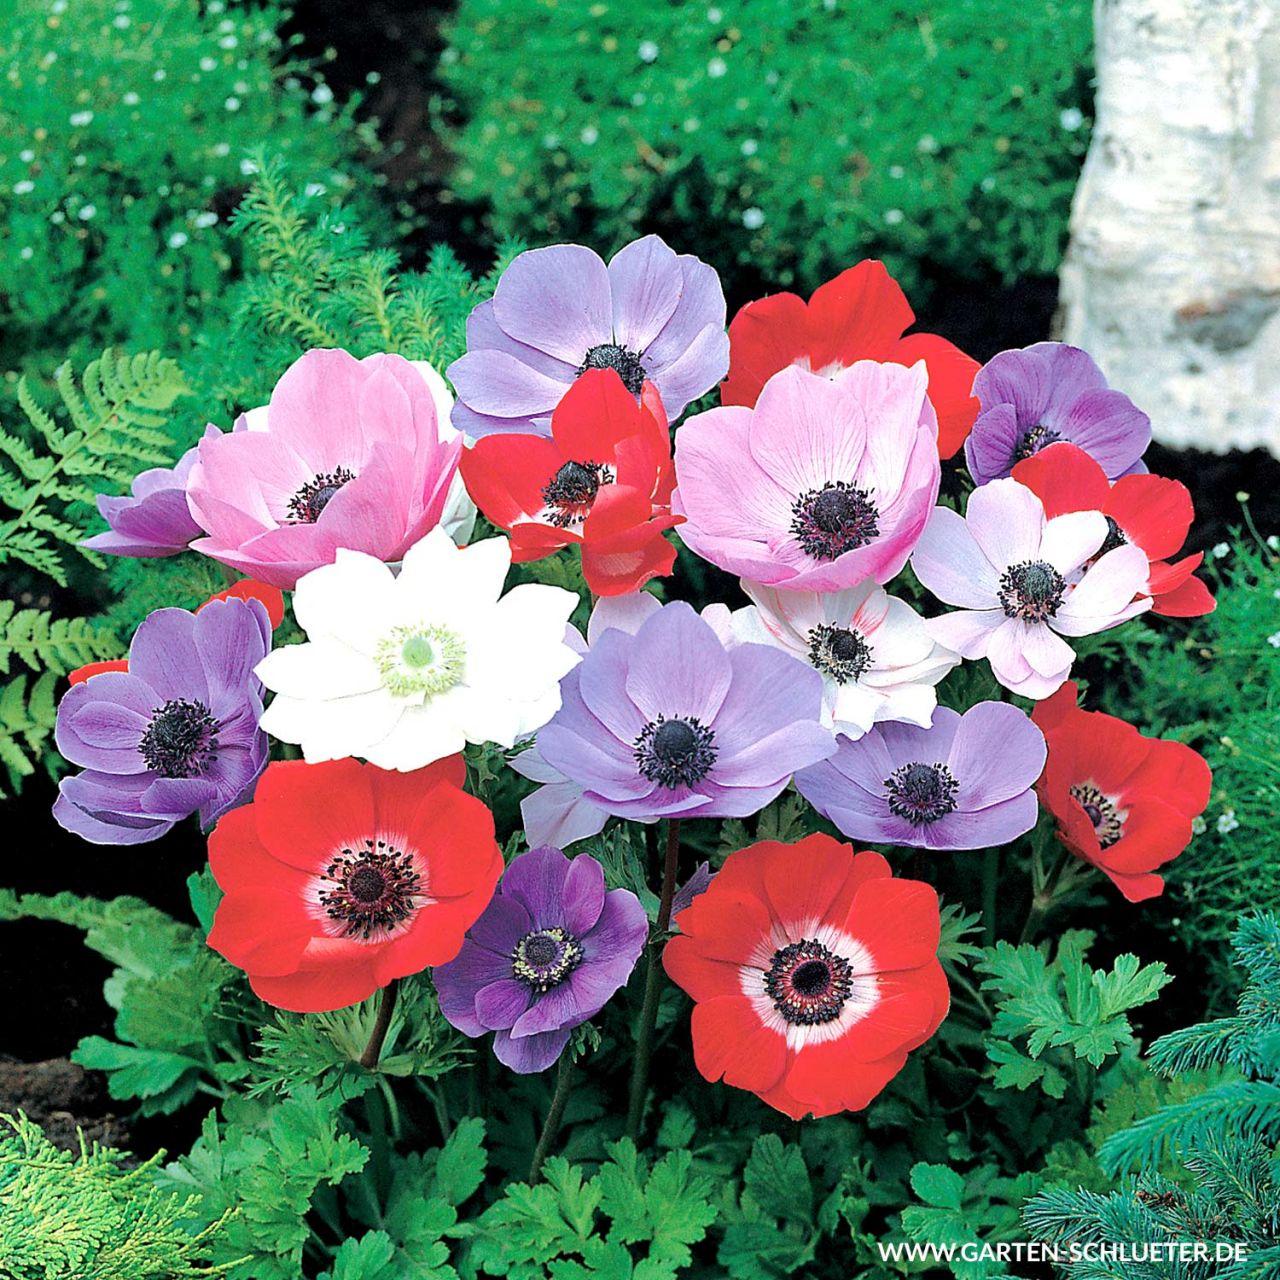 Garten-Anemone 'De Caen' - Mischung - 20 Stück